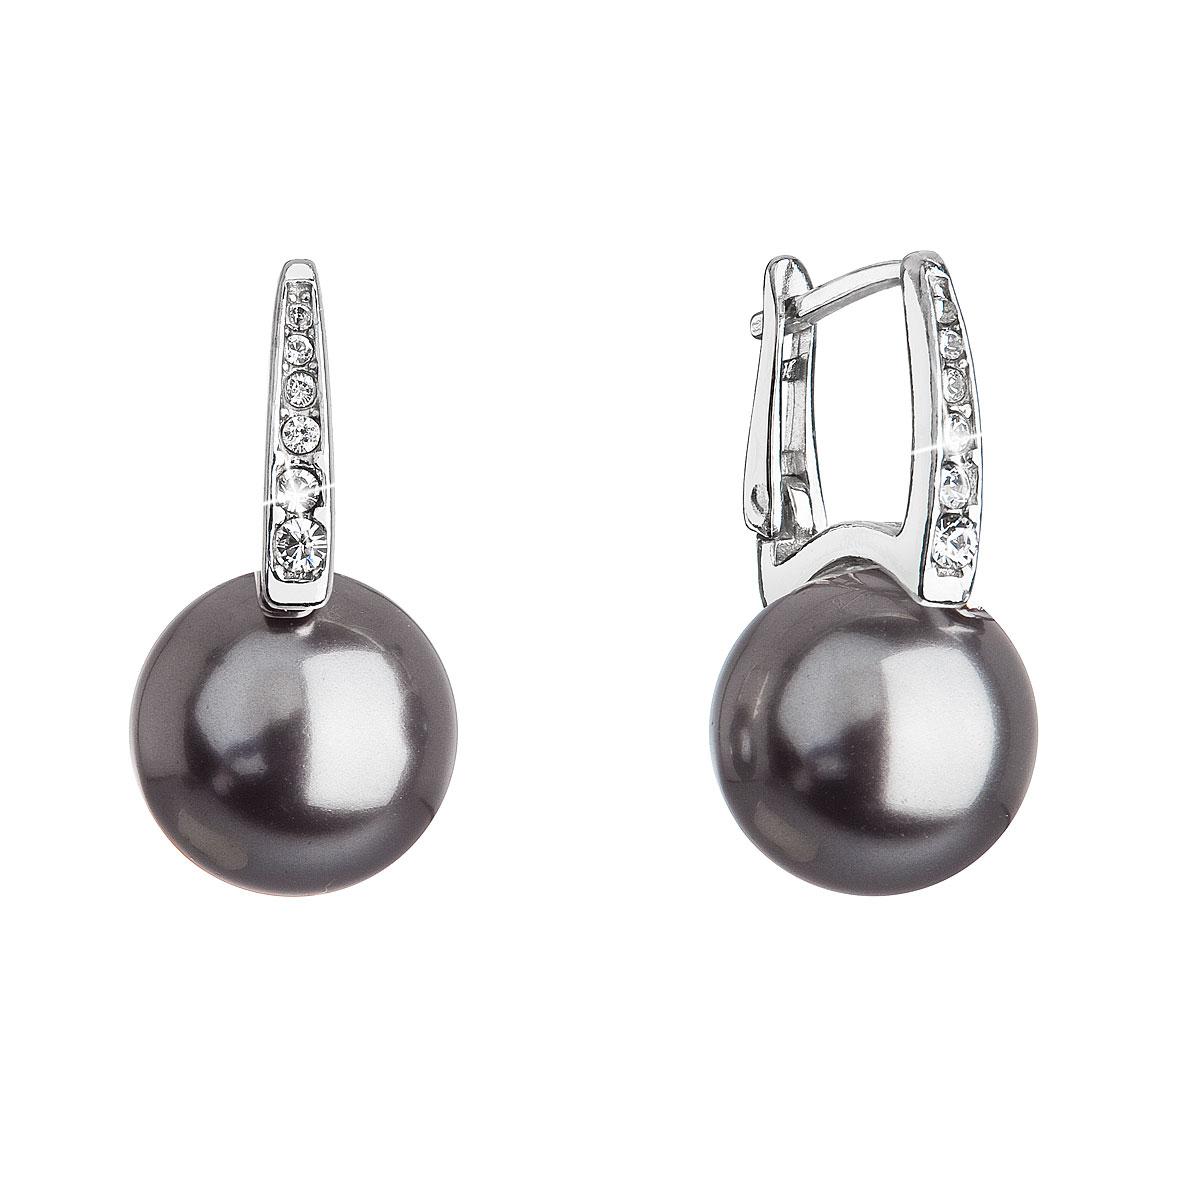 Evolution Group Stříbrné náušnice visací se Swarovski perlou a krystaly 31301.3 šedé